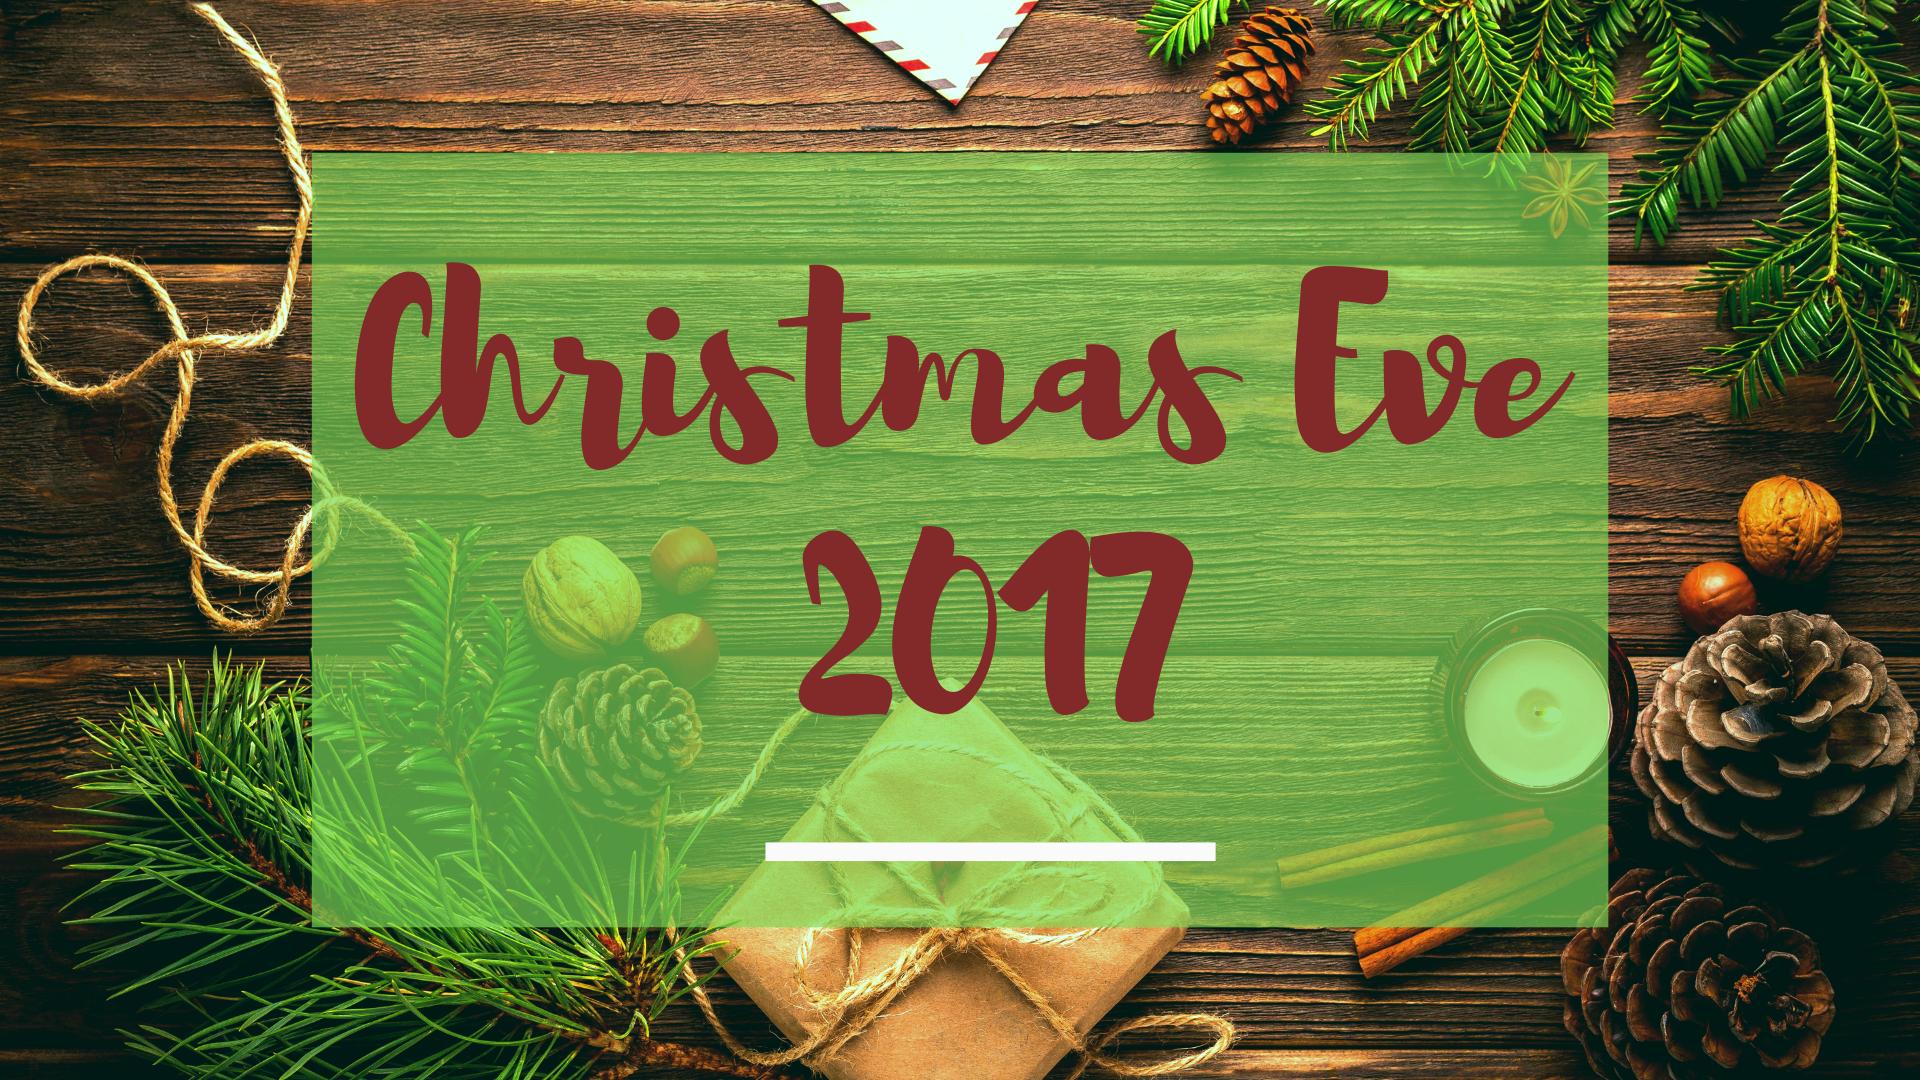 Christmas Eve 2017.png